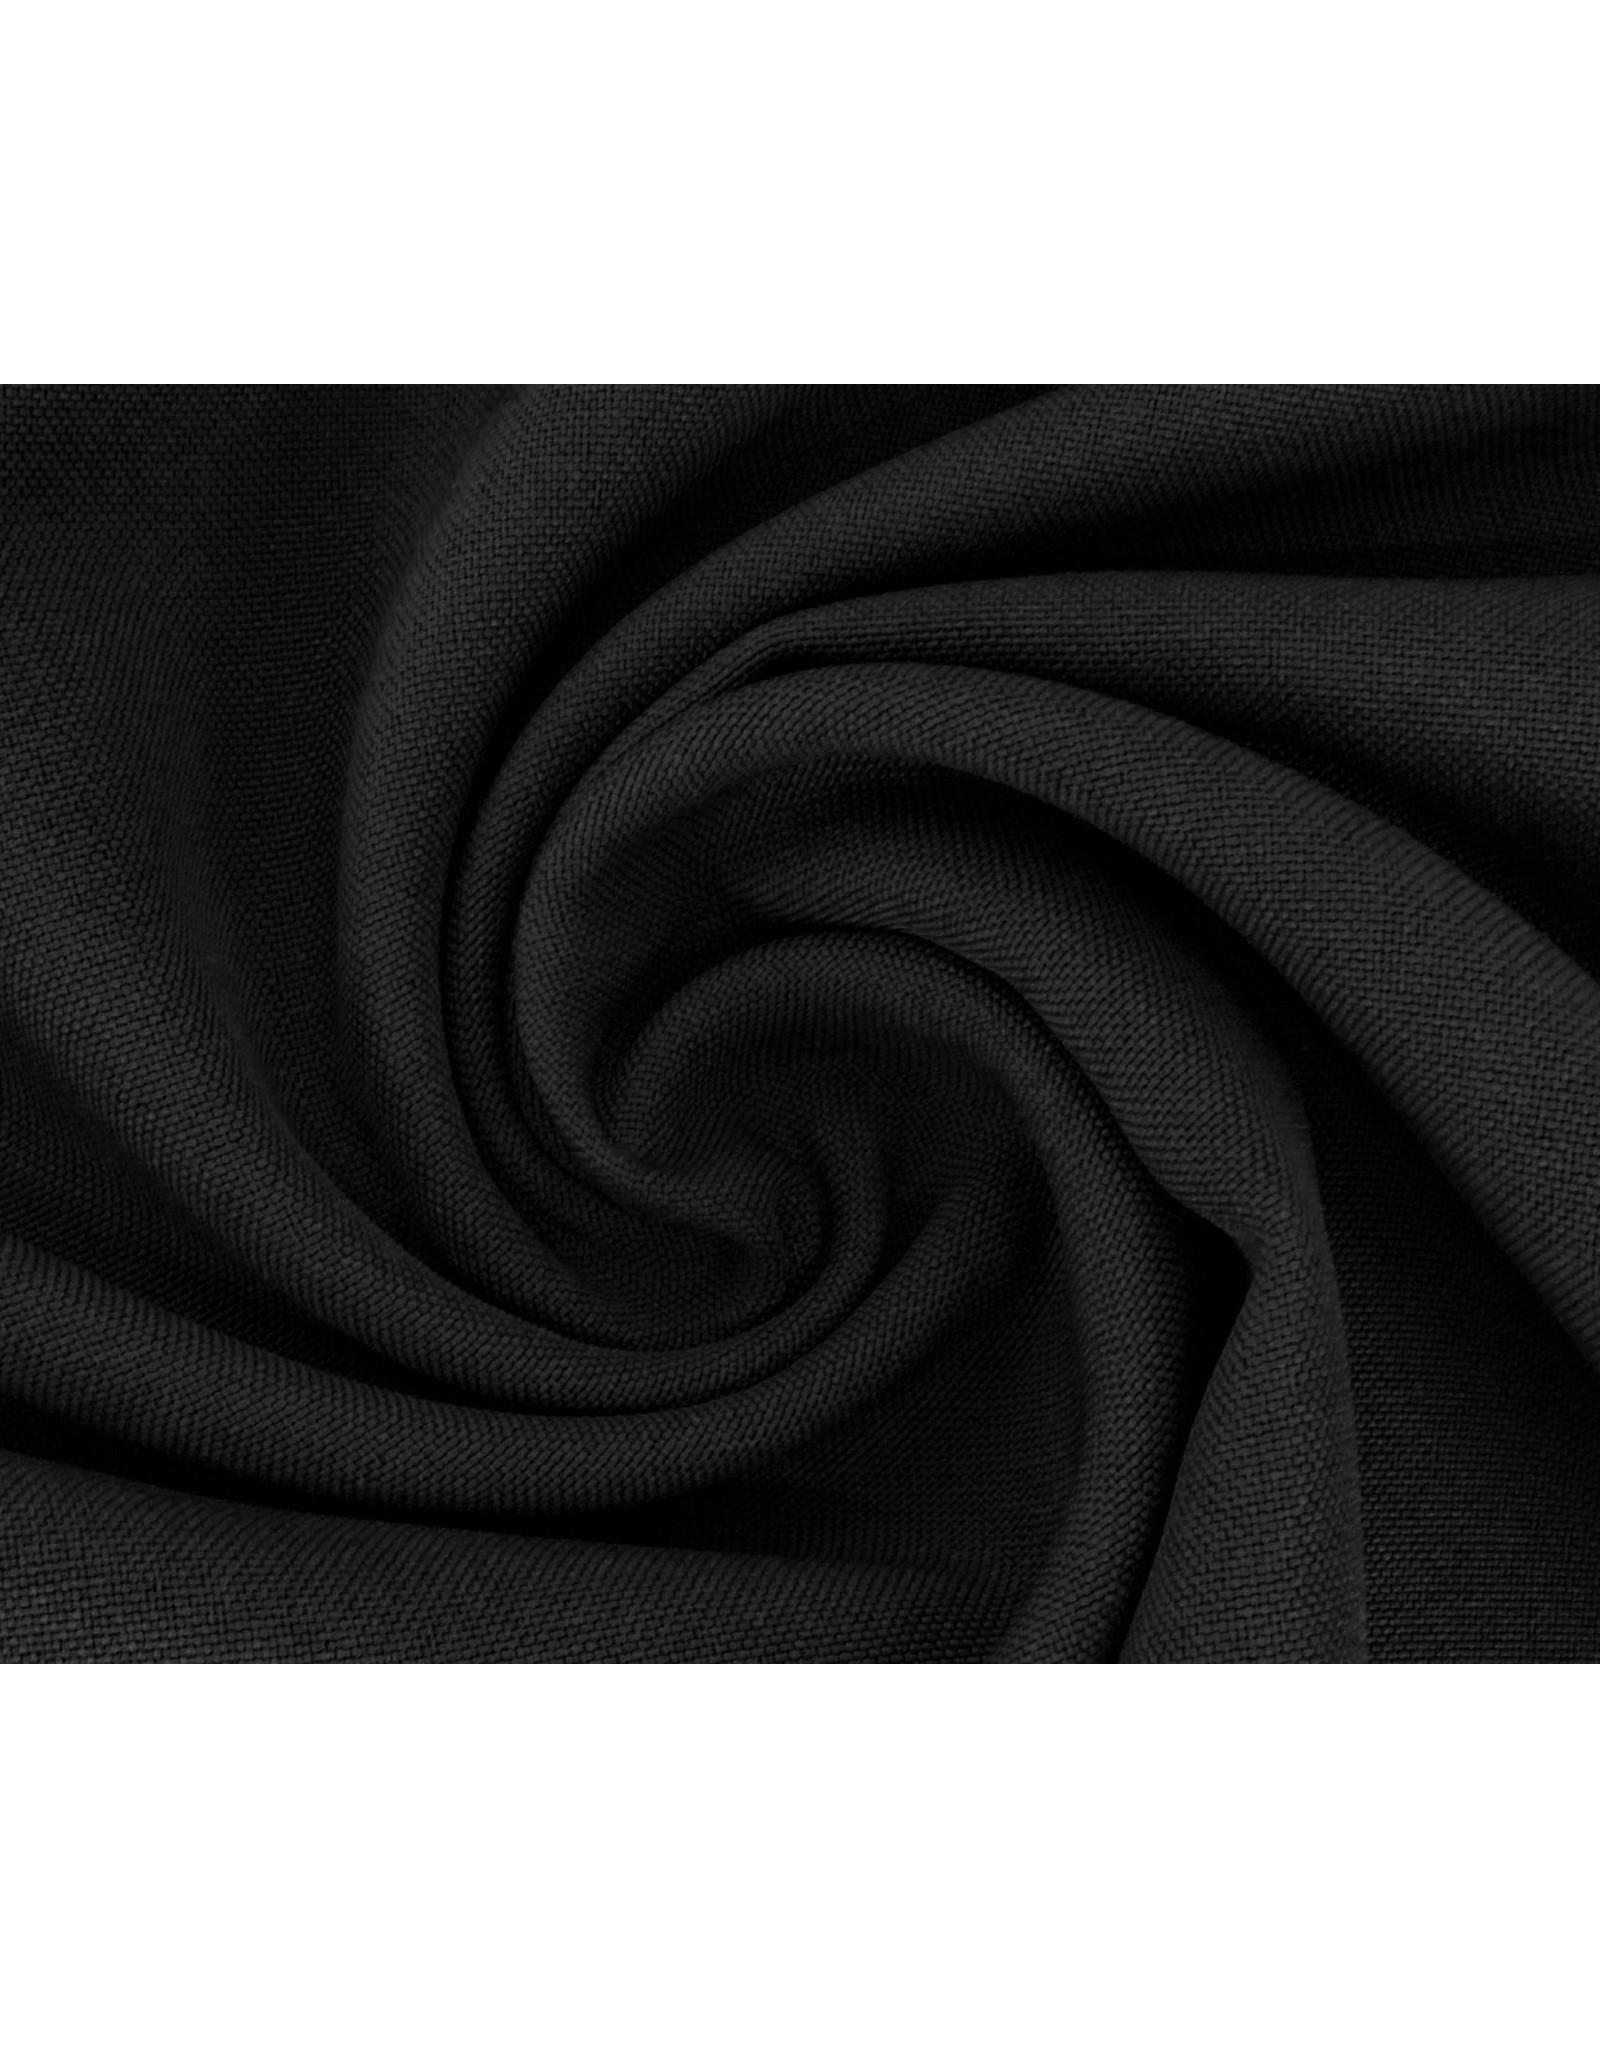 Bettlaken Baumwolle 240 cm - Schwarz